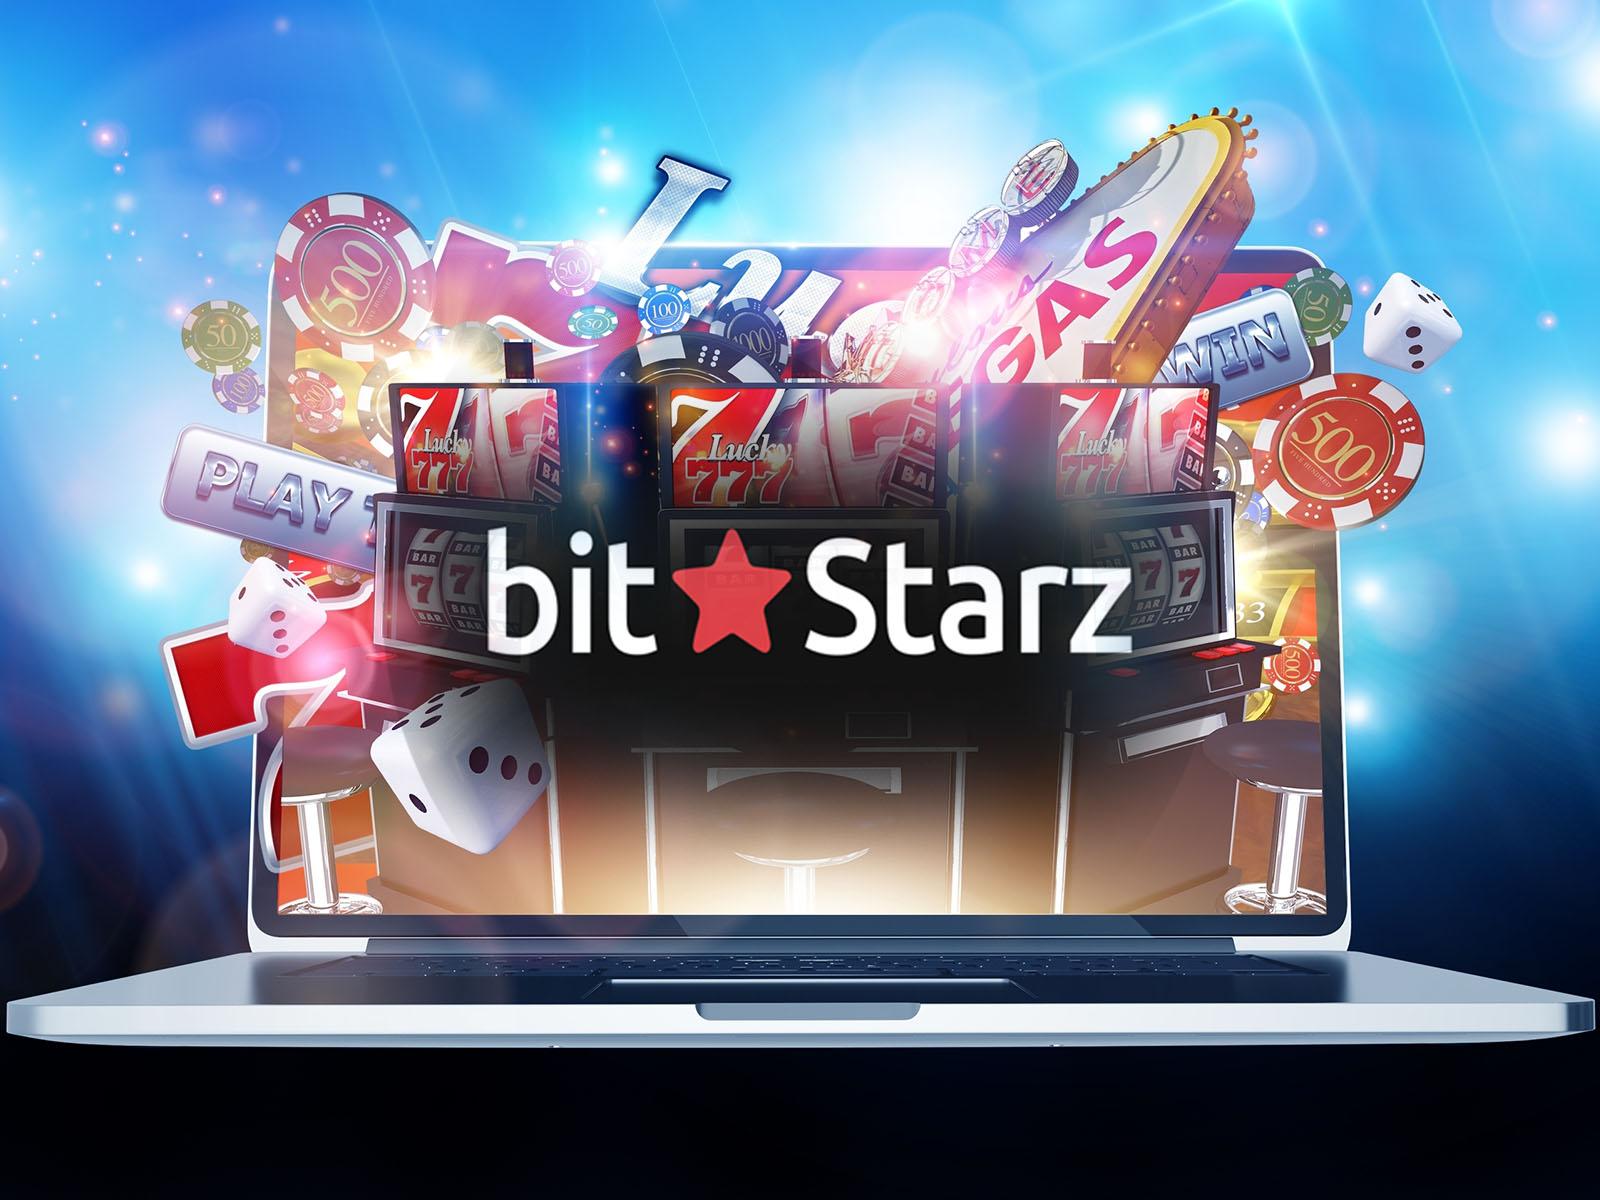 официальный сайт bitstarz com ru